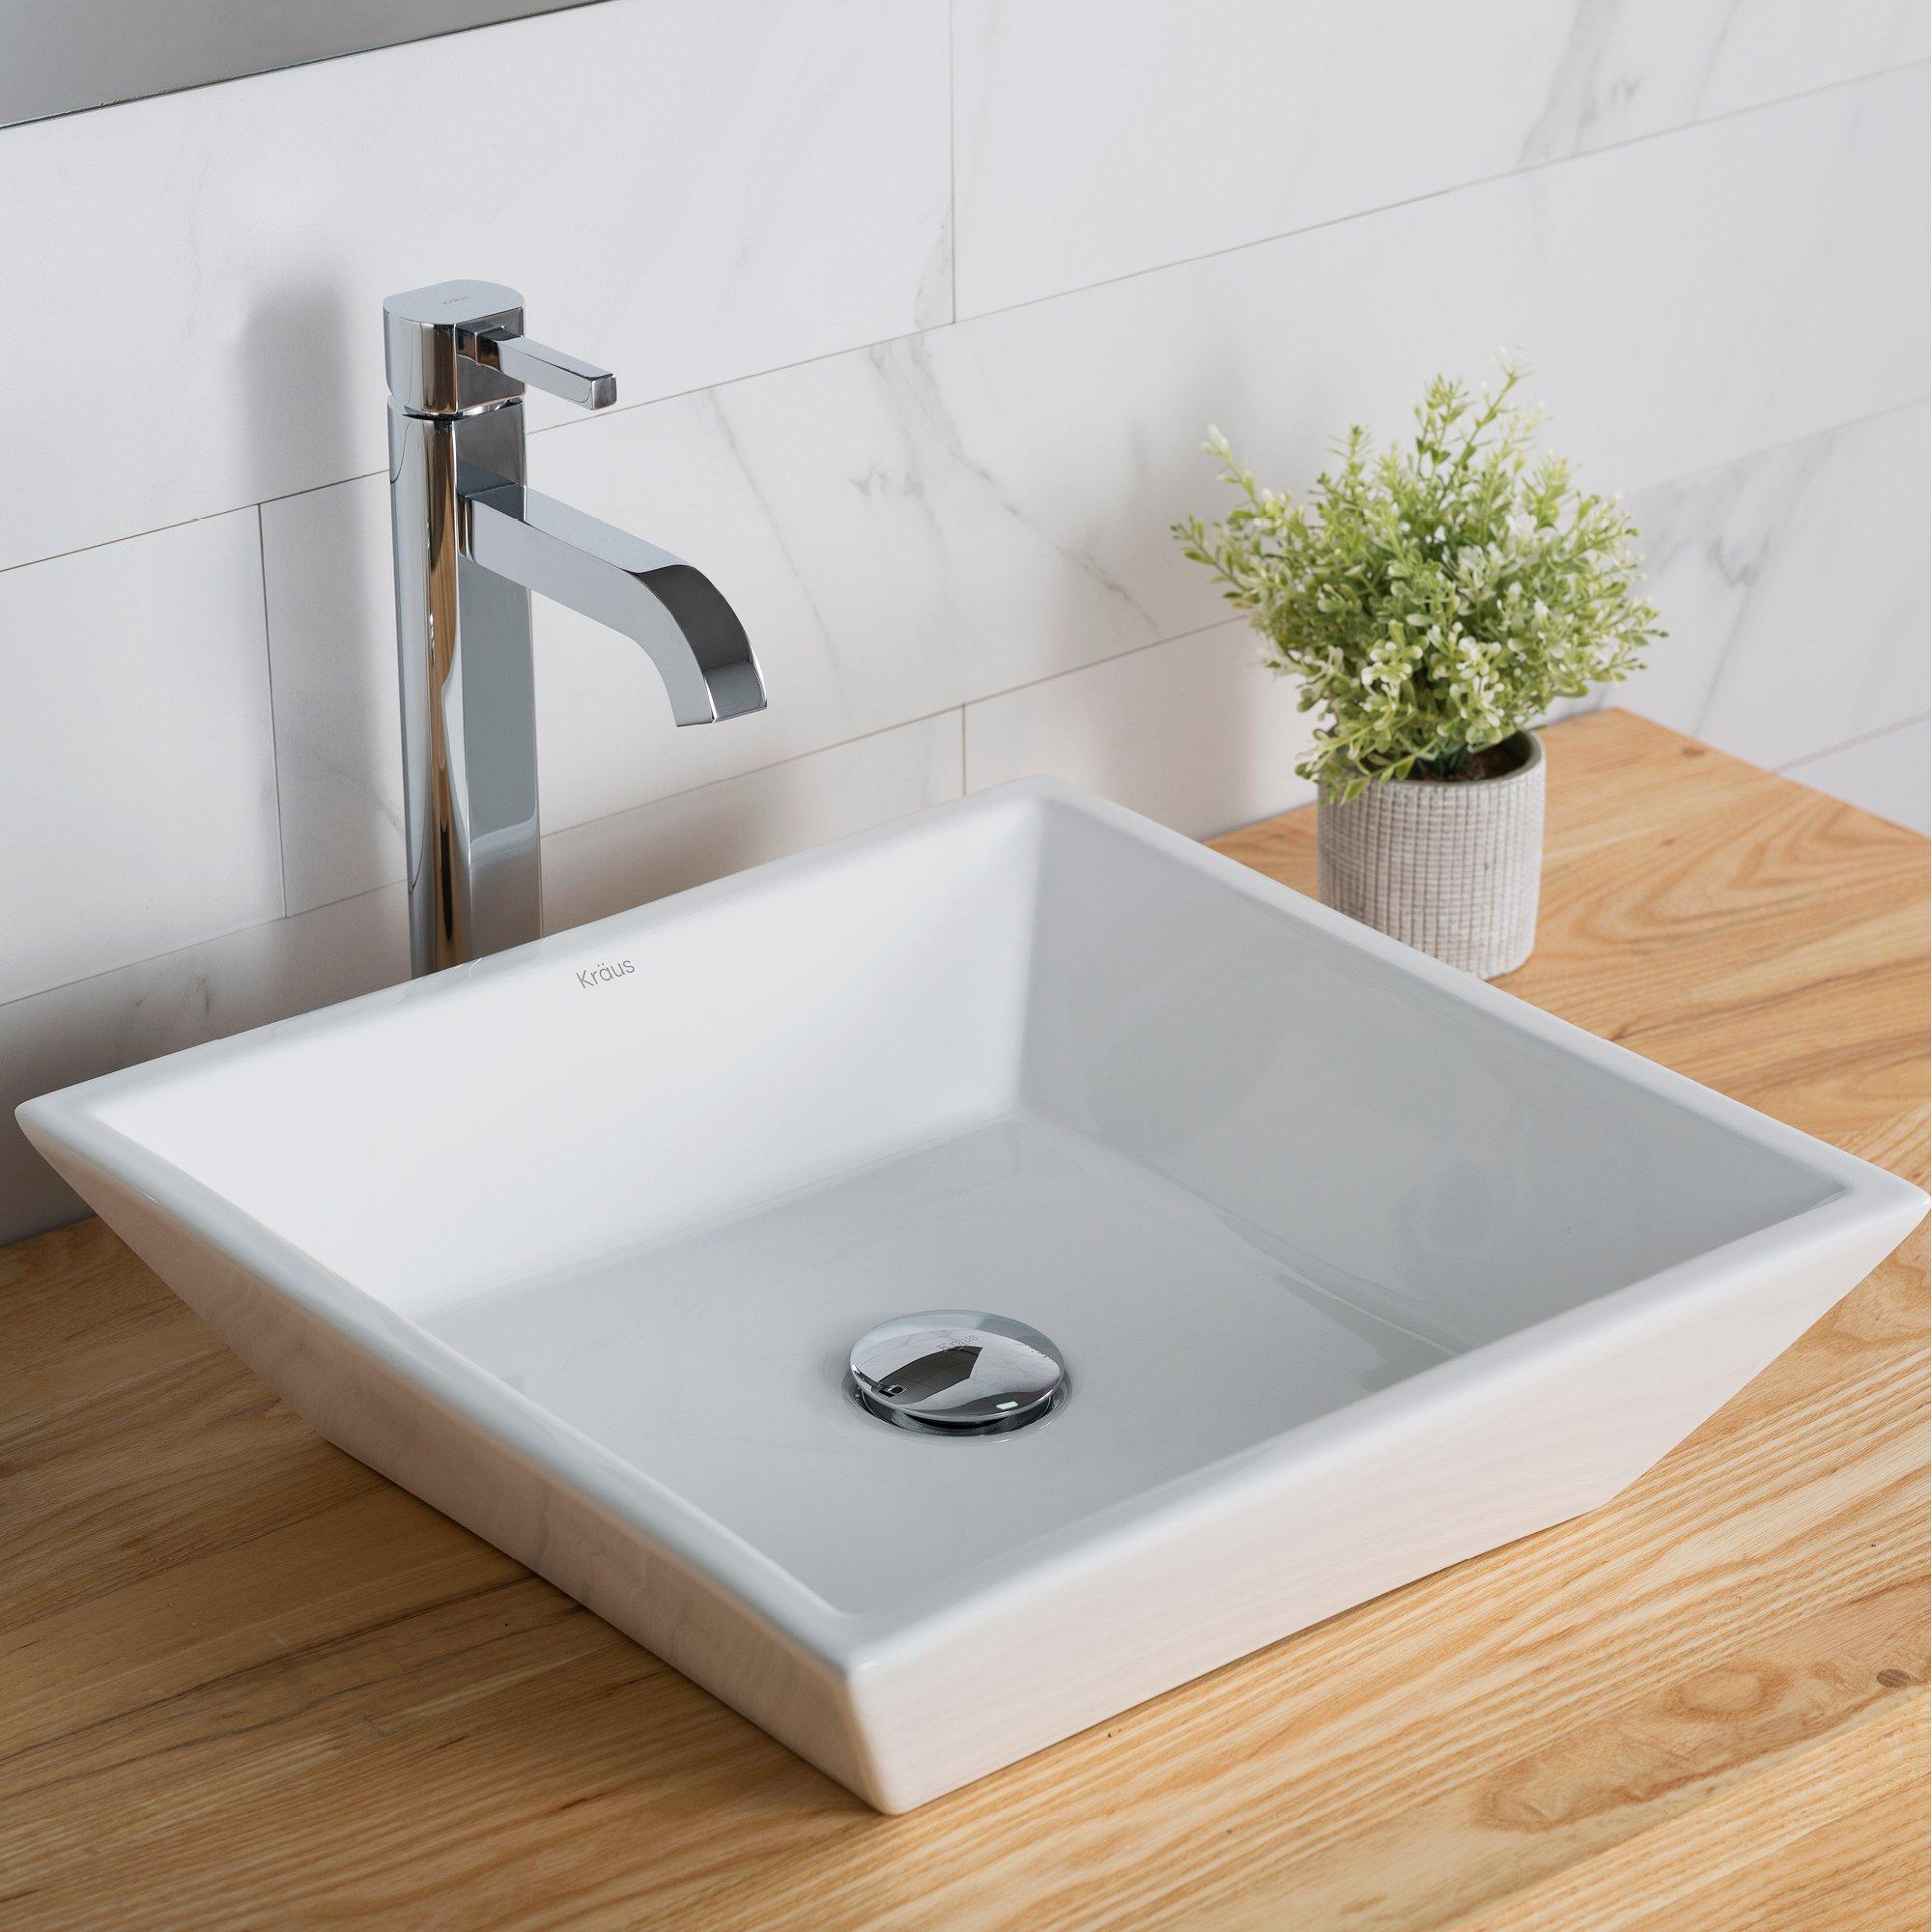 Kraus KCV-125 White Square Ceramic Bathroom Sink